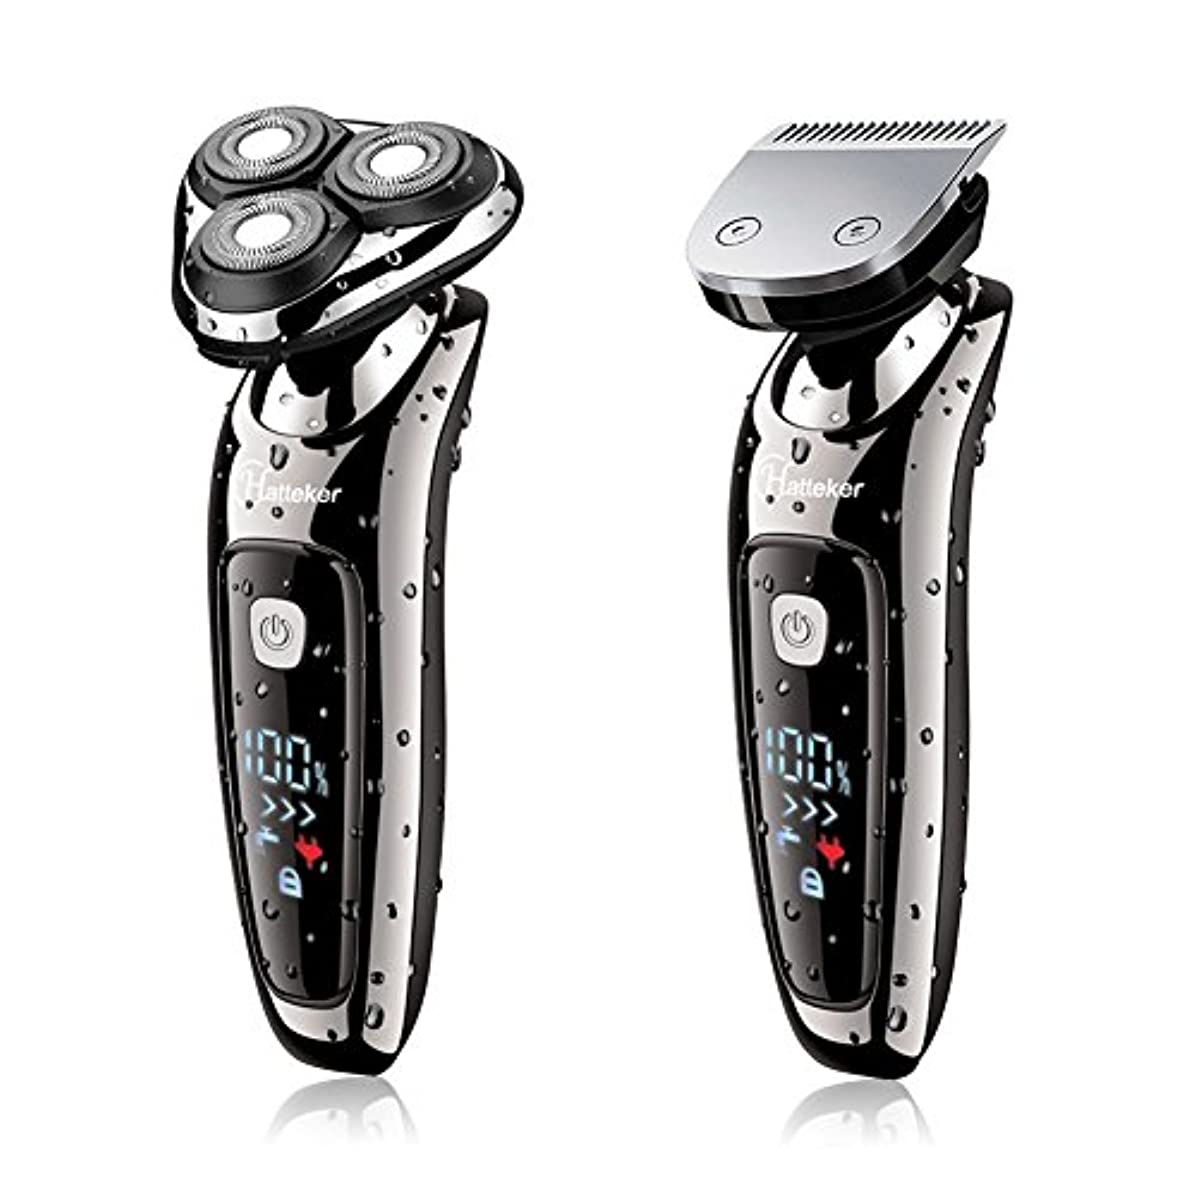 便宜投獄おなかがすいたHATTEKER 電気シェーバー メンズ ひげ剃り充電式·交流式 バリカン/ヒゲ トリマーヘッド付き LEDディスプレイ 水洗いOK